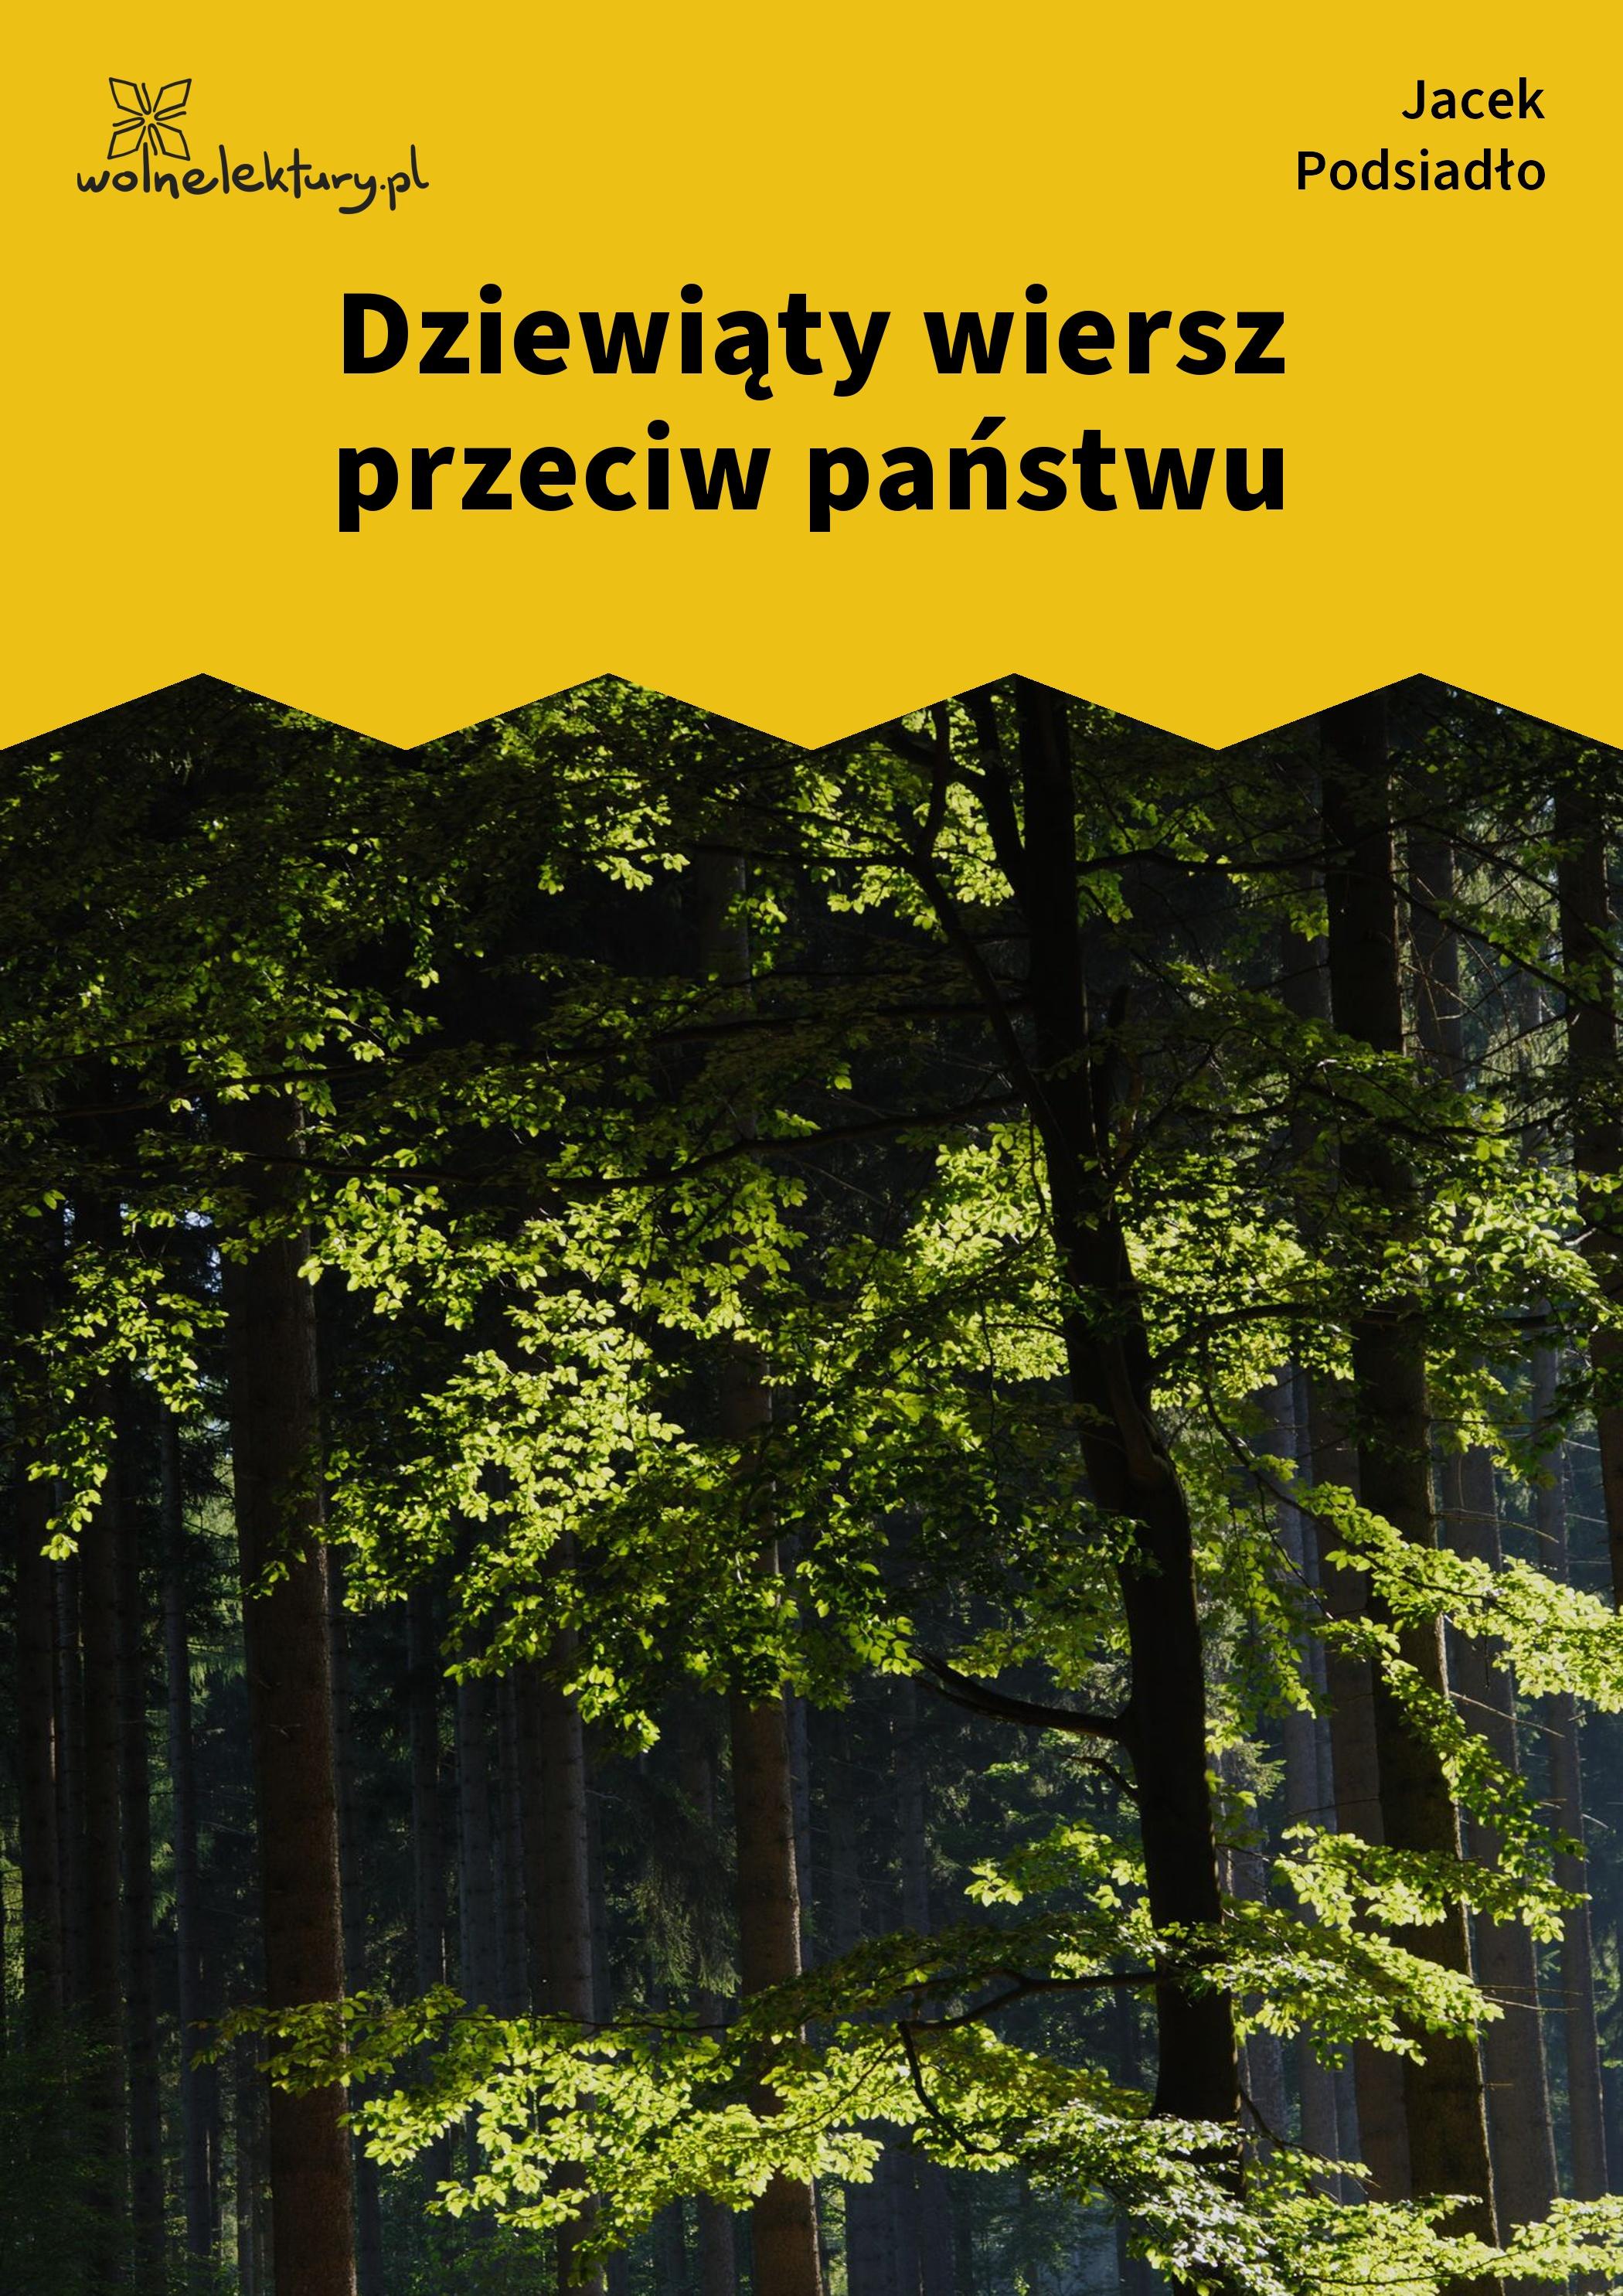 Jacek Podsiadło Wychwyt Grahama Wolne Lektury